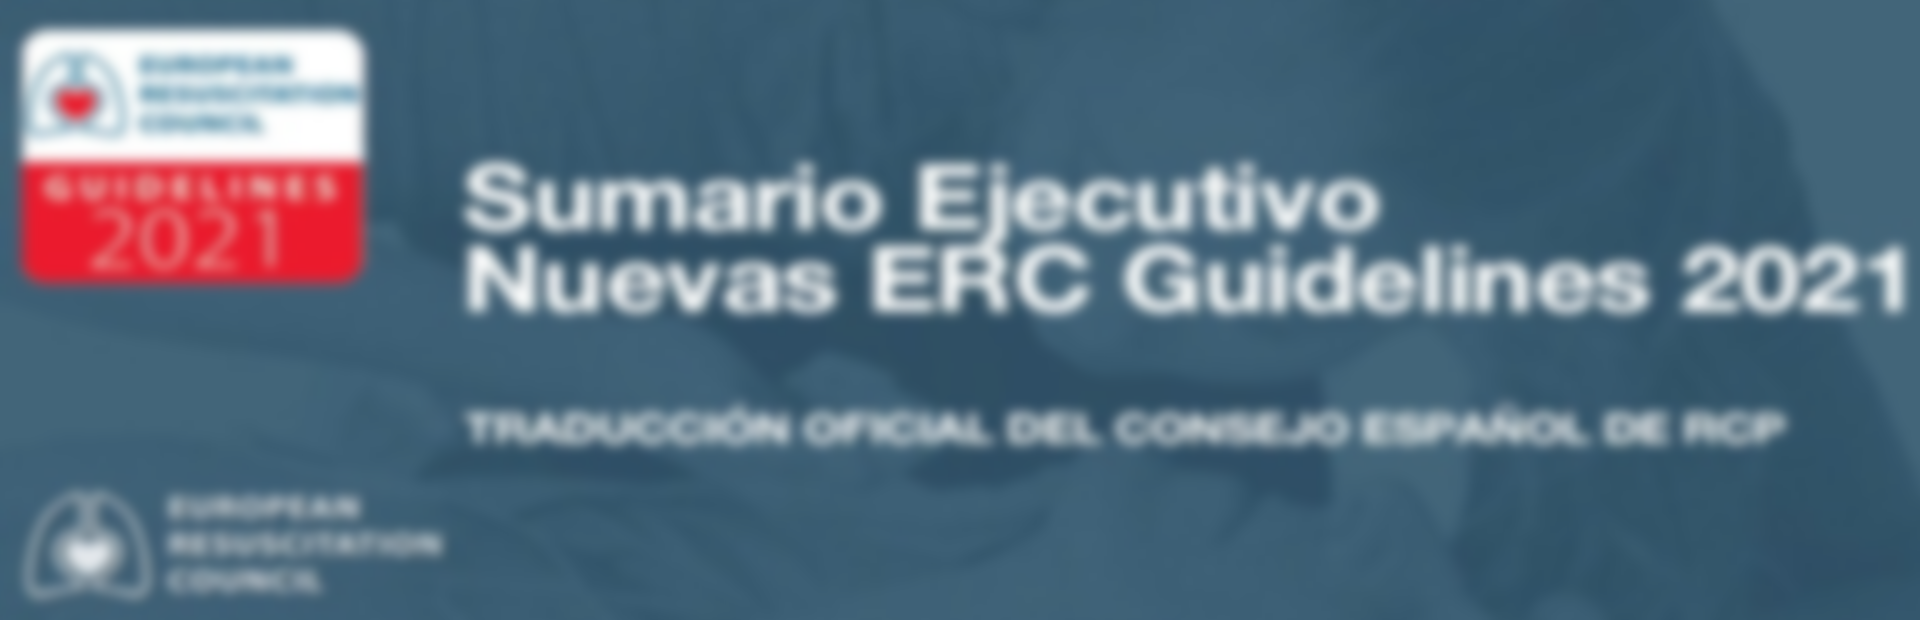 Sumario Ejecutivo Nuevas ERC Guidelines 2021